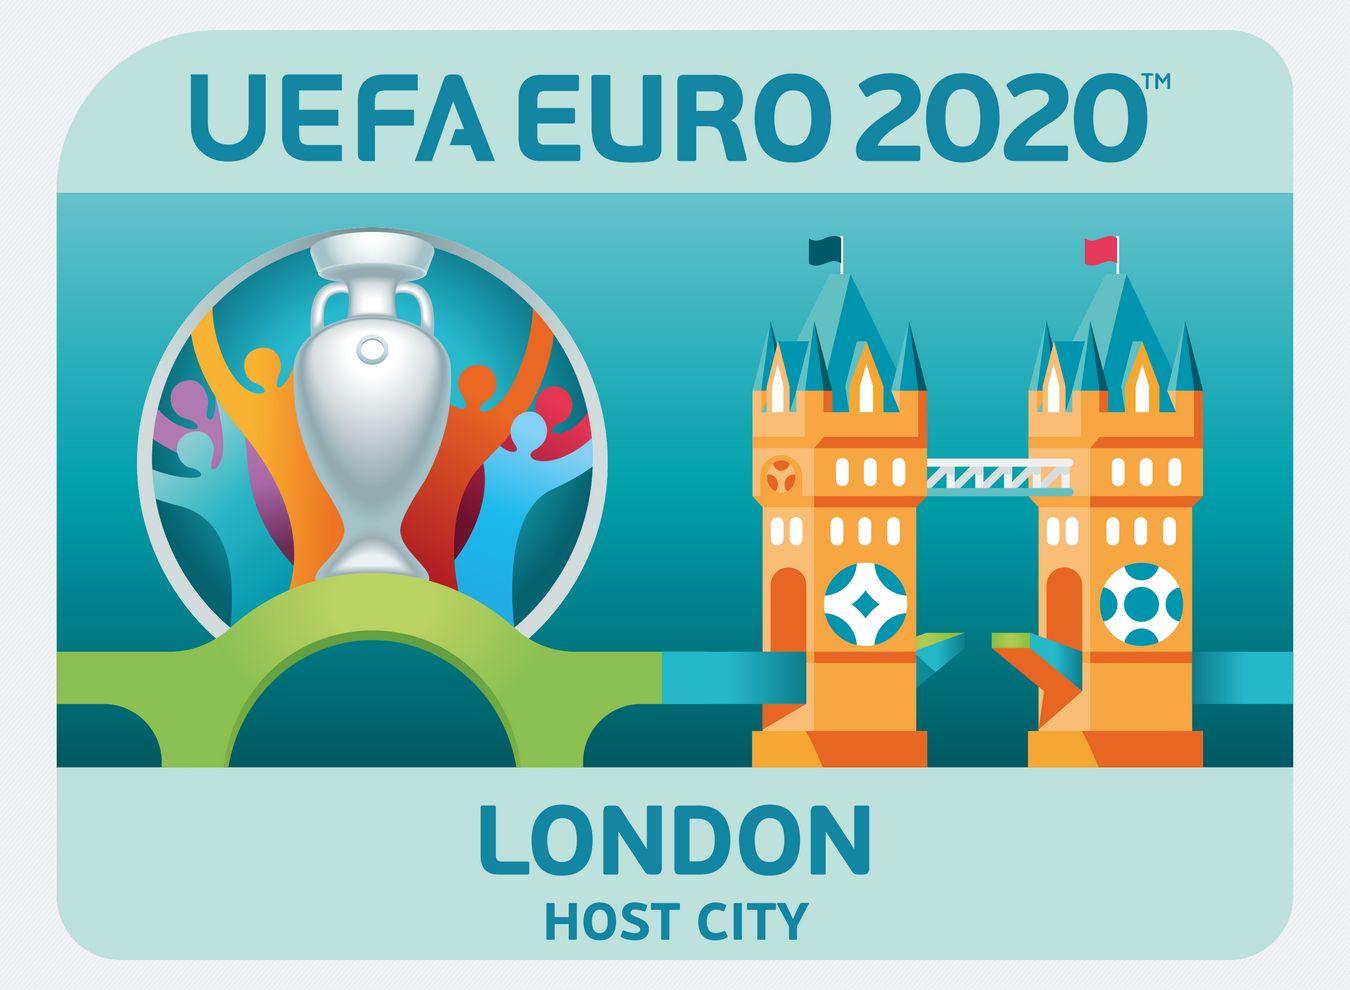 Londres será la ciudad de la gran final | Foto UEFA